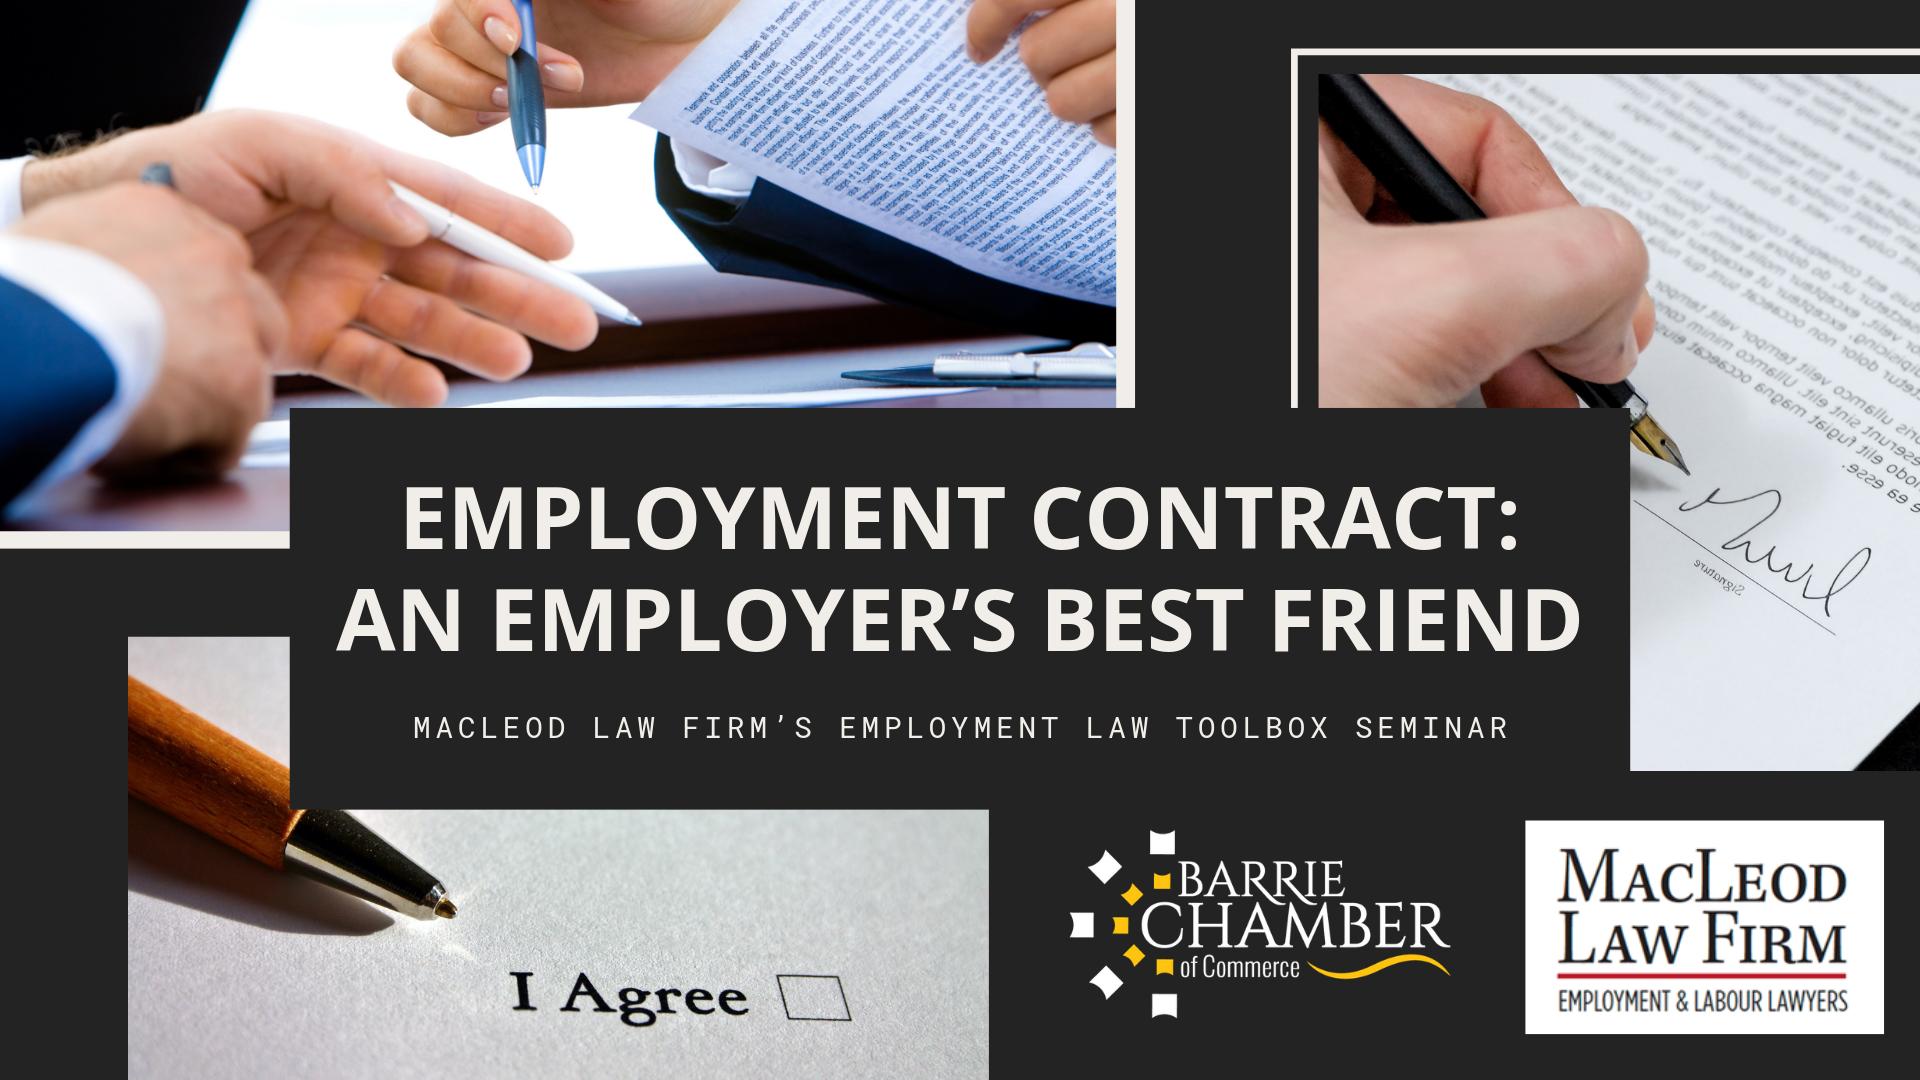 Employment Contract: An Employer's Best Friend